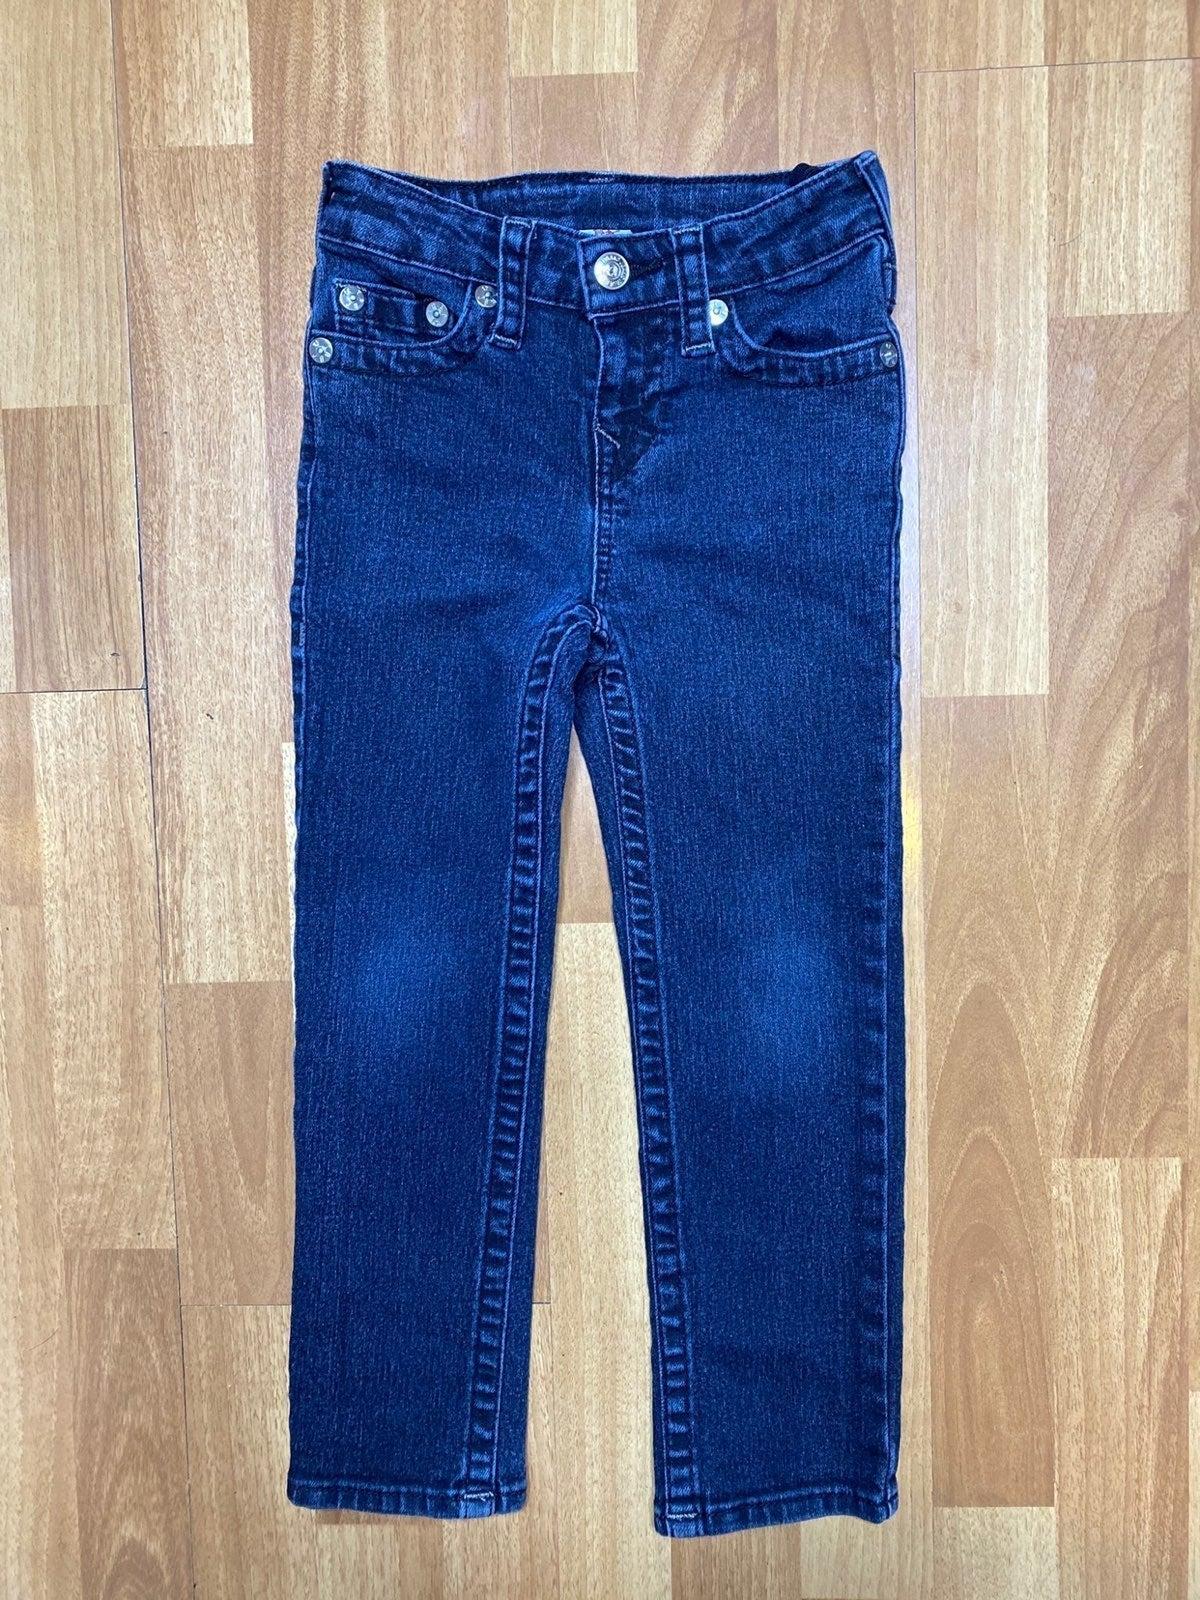 True Religion Jeans Kids Size 5T